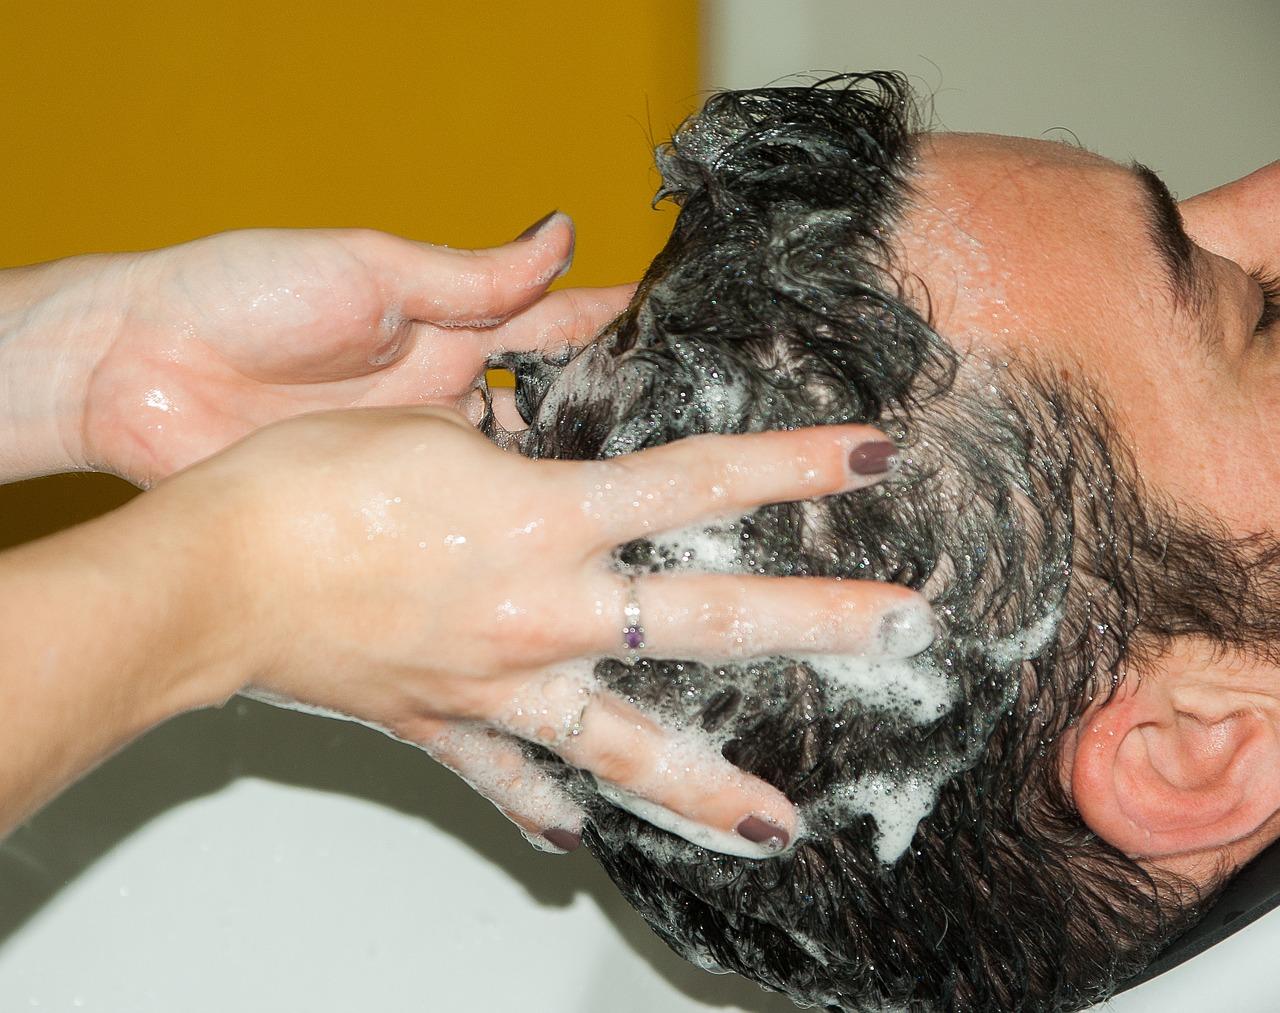 fejbőr pikkelysömör kezelésére gyógyszerek samponok)